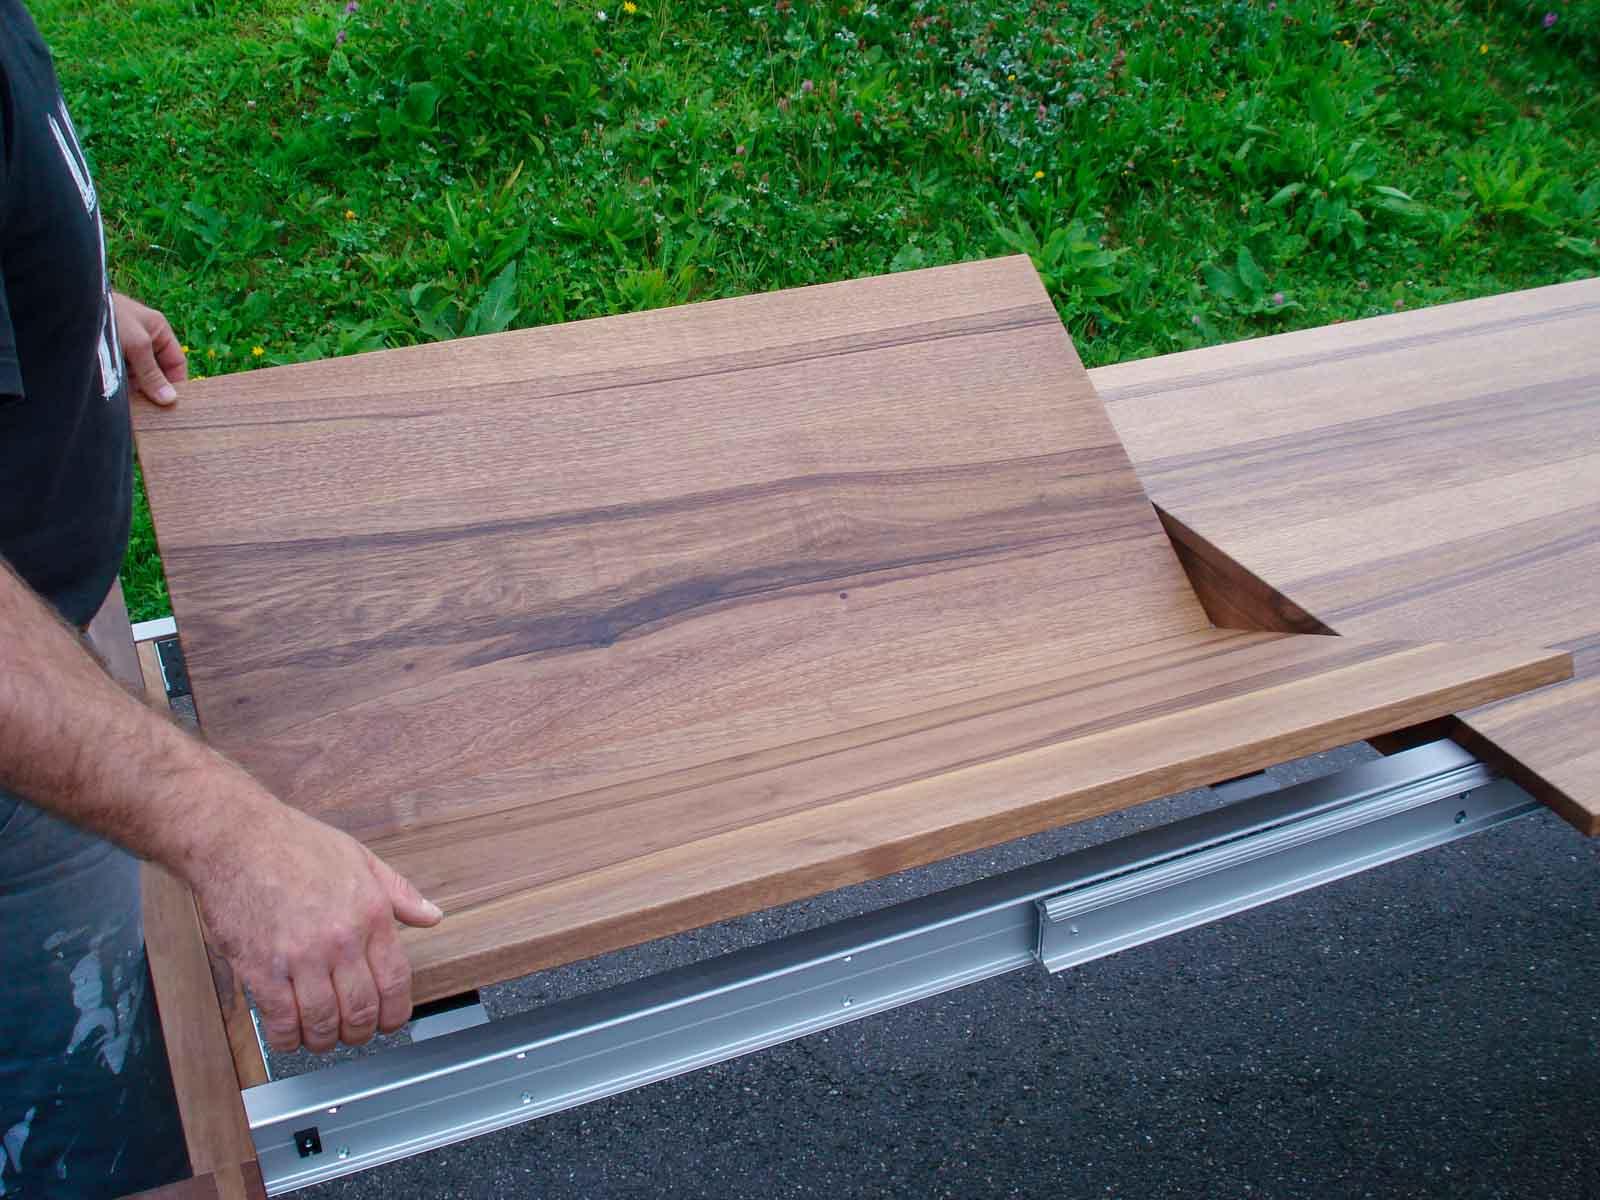 Wooddesign_Nussbaum massiv_ausziehbar_Ausziehtisch_Tischeinlage unter dem Tisch_Tischbeine mitlaufend (6)